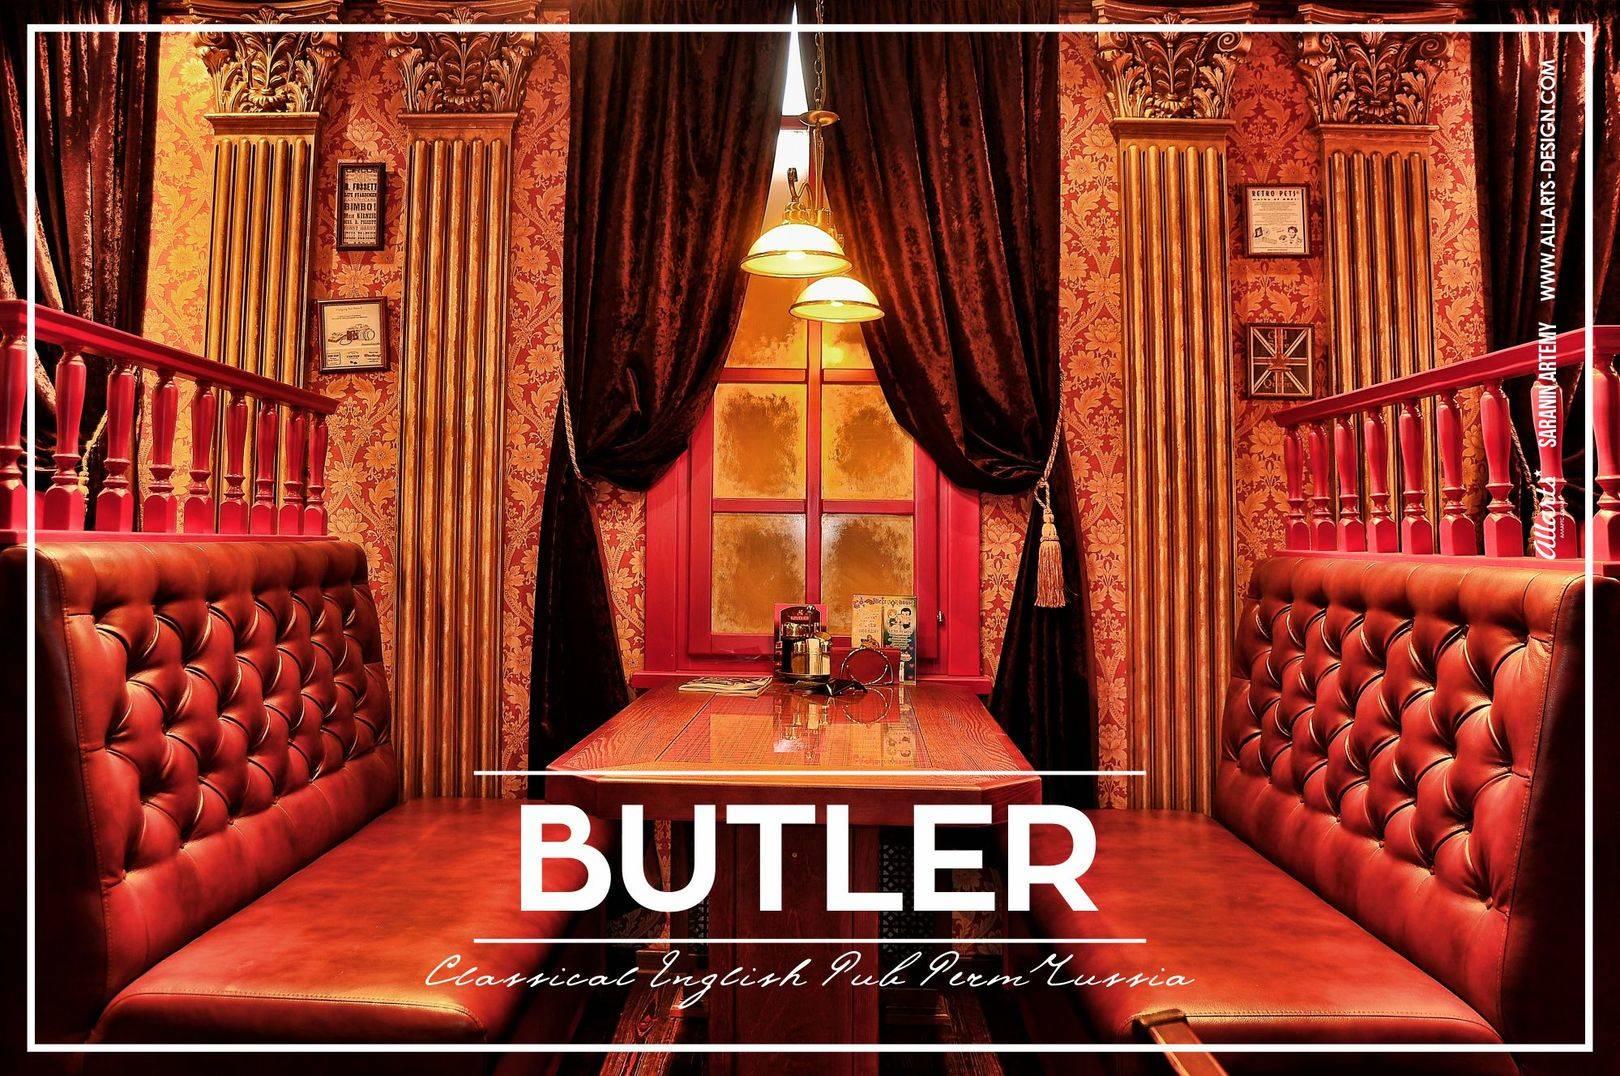 Дизайн интерьера пивная Butler